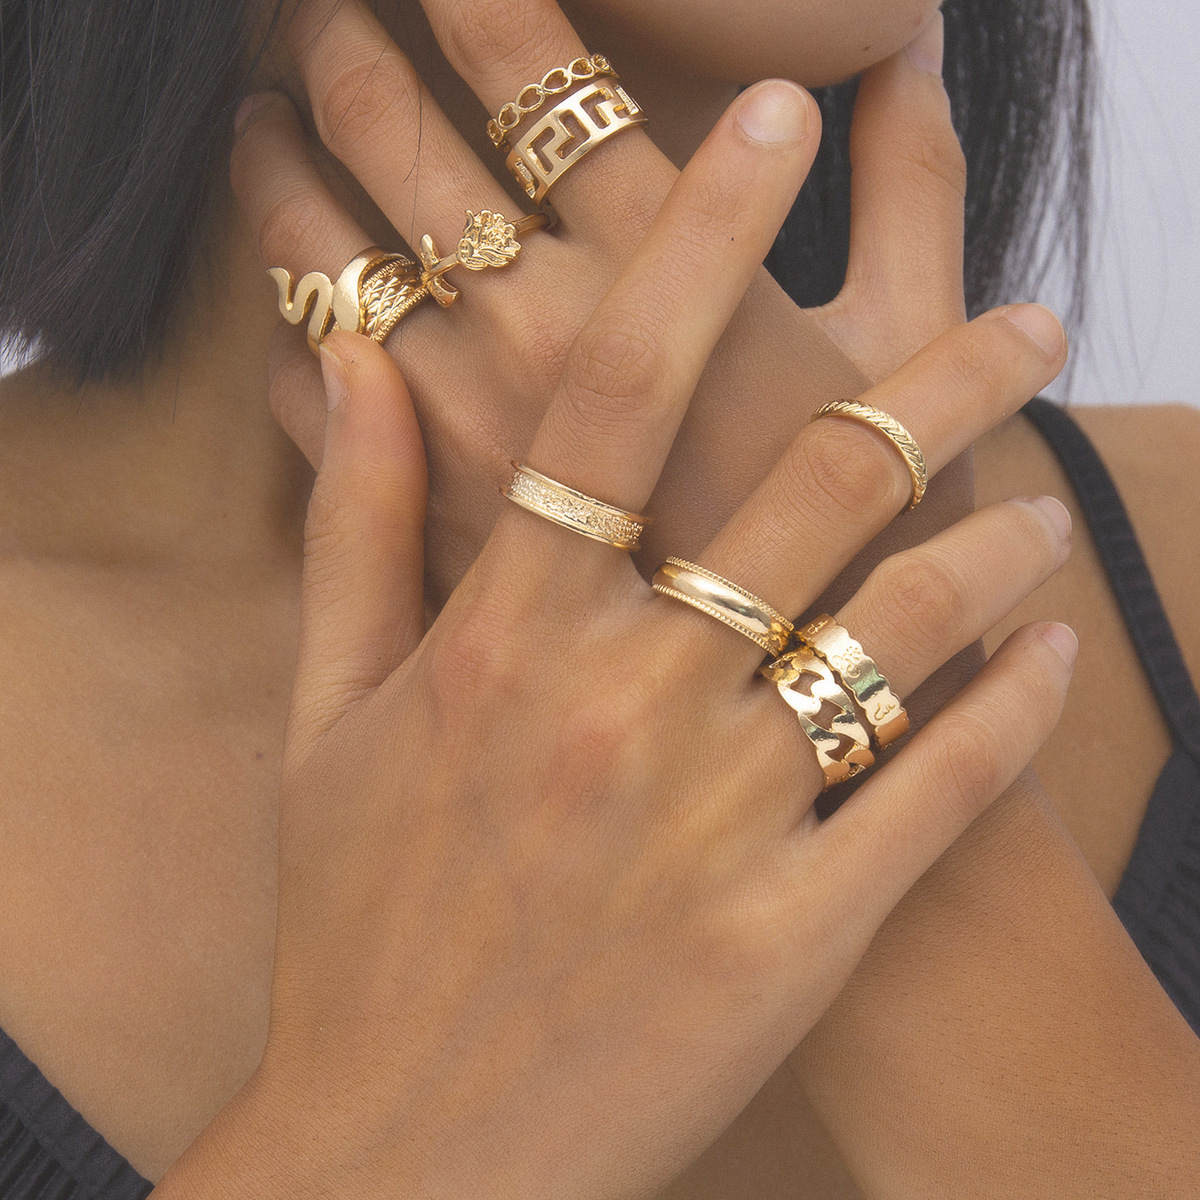 レディース指輪★アクセサリー★個性★気質★リング★指輪10点セット☆彡